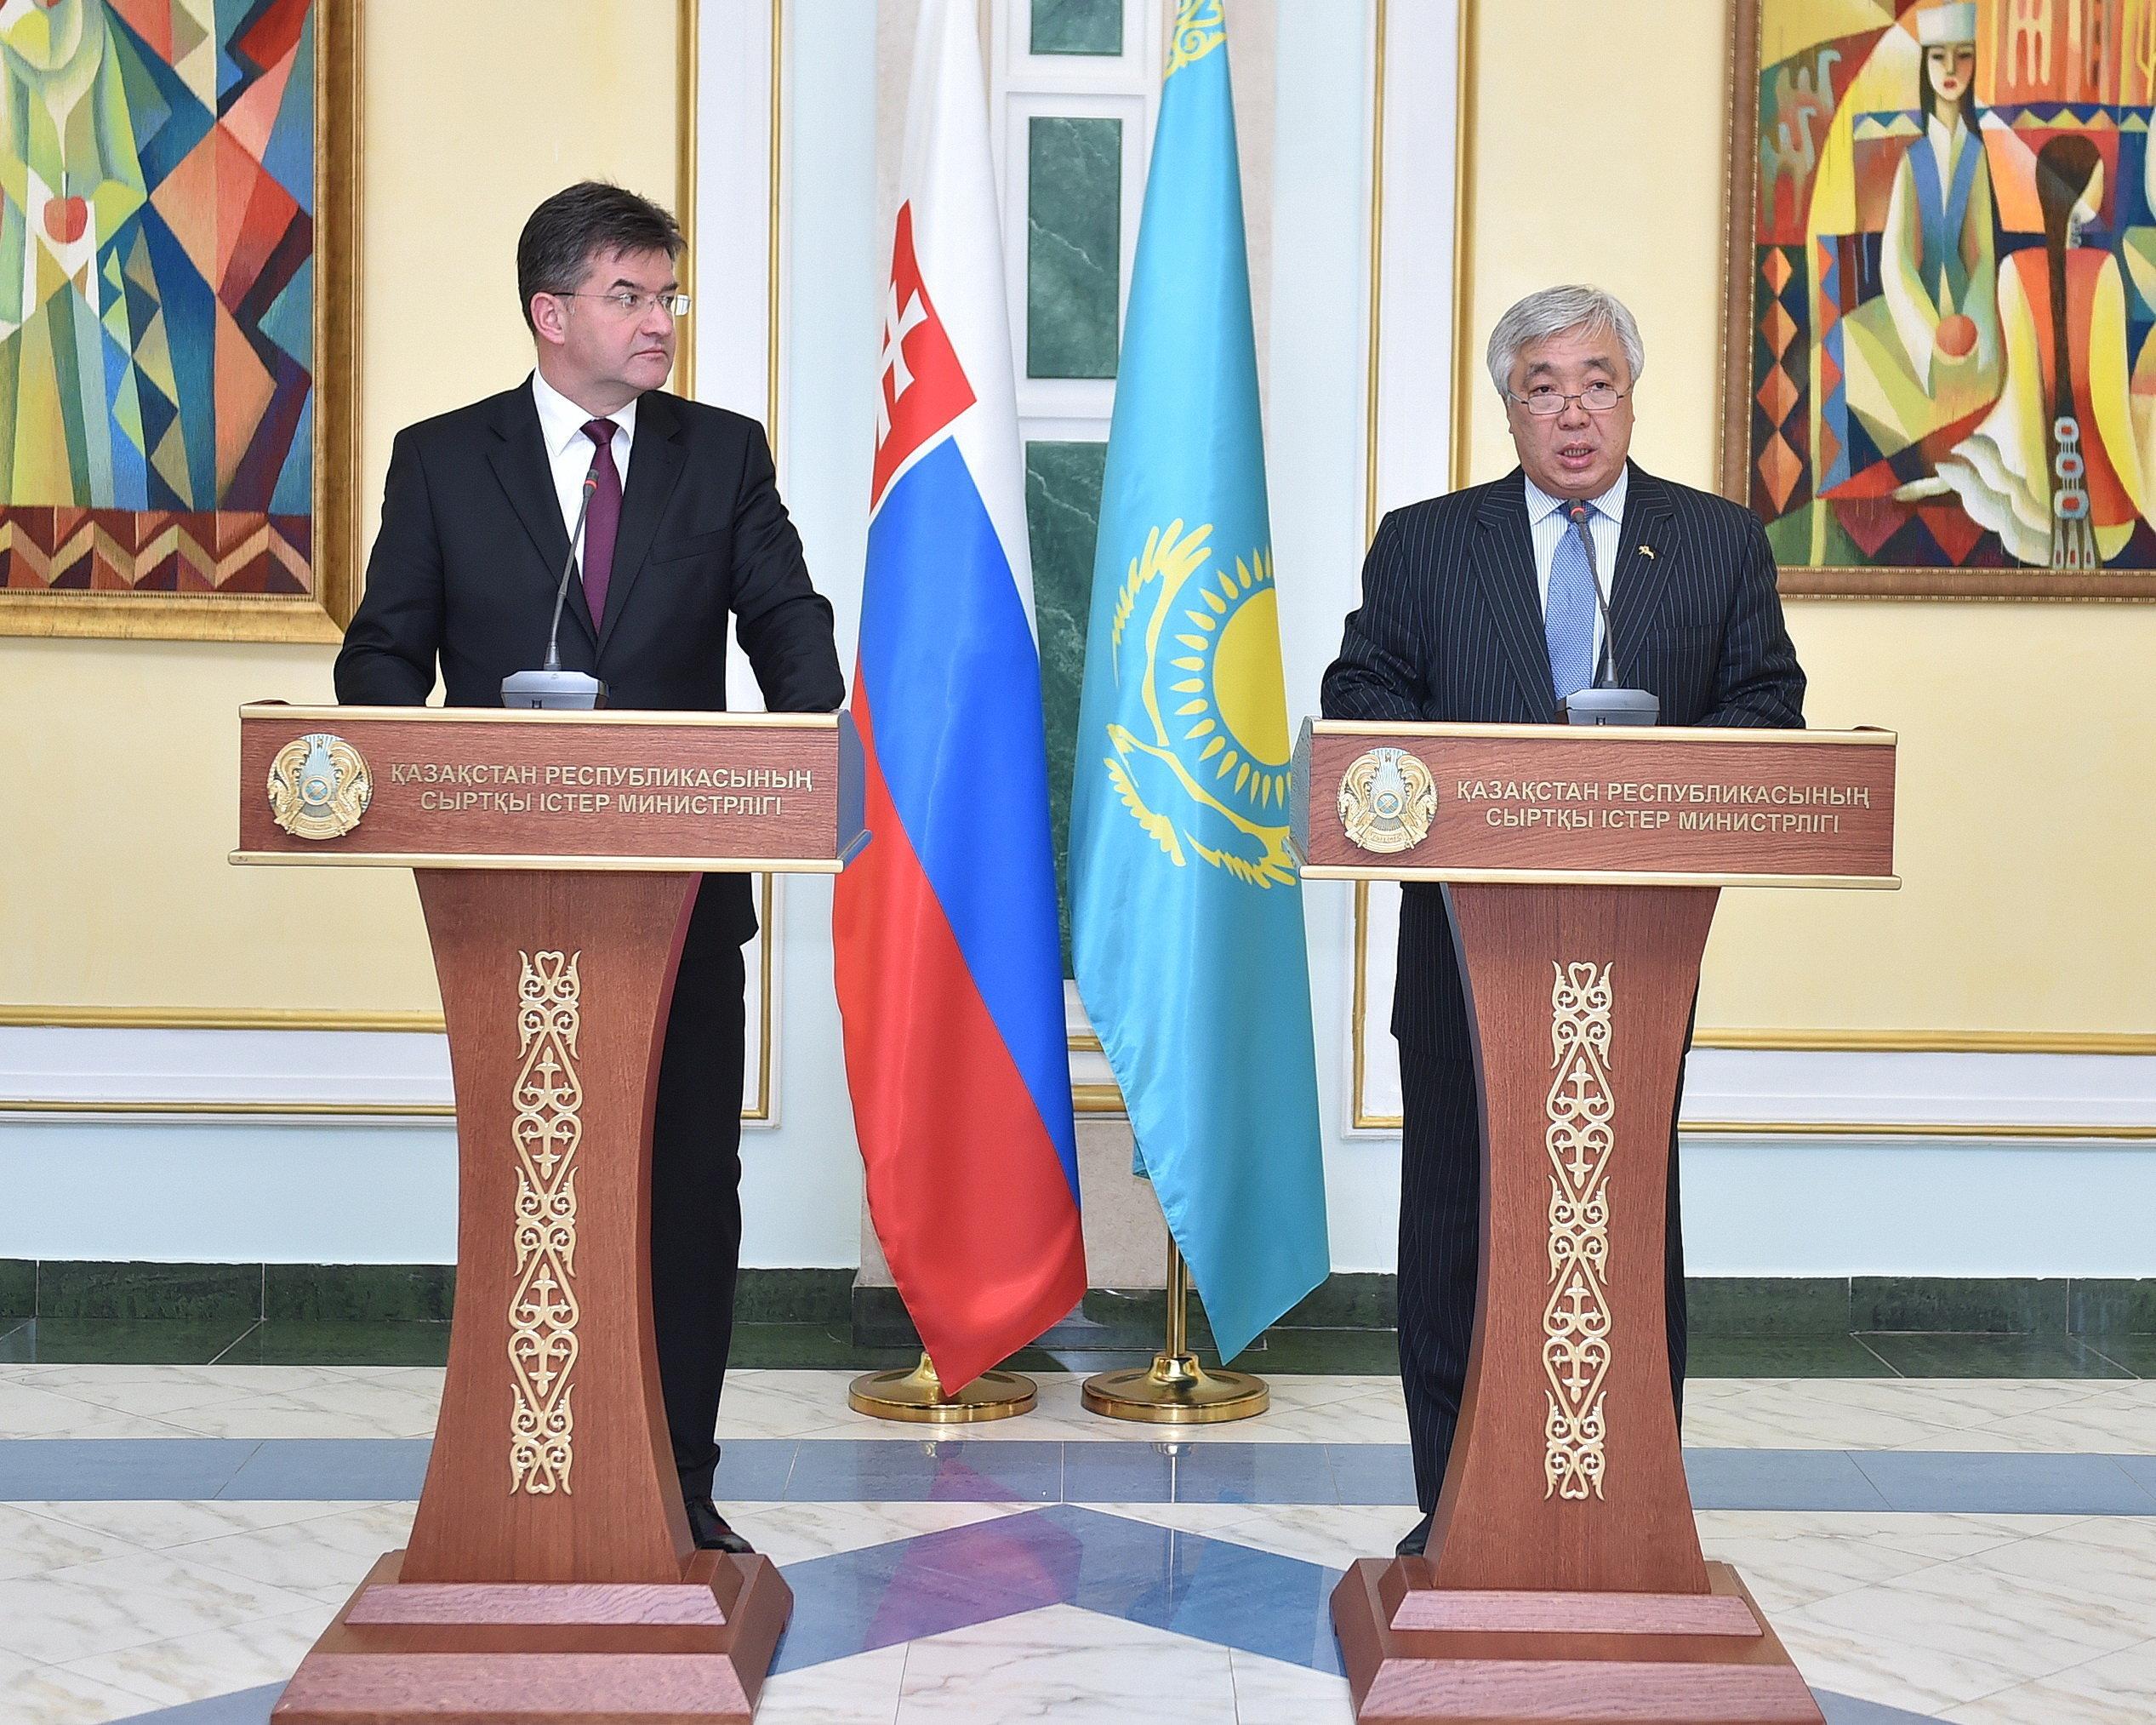 Министры иностранных дел Словакии и Казахстана Мирослав Лайчак и Ерлан Идрисов